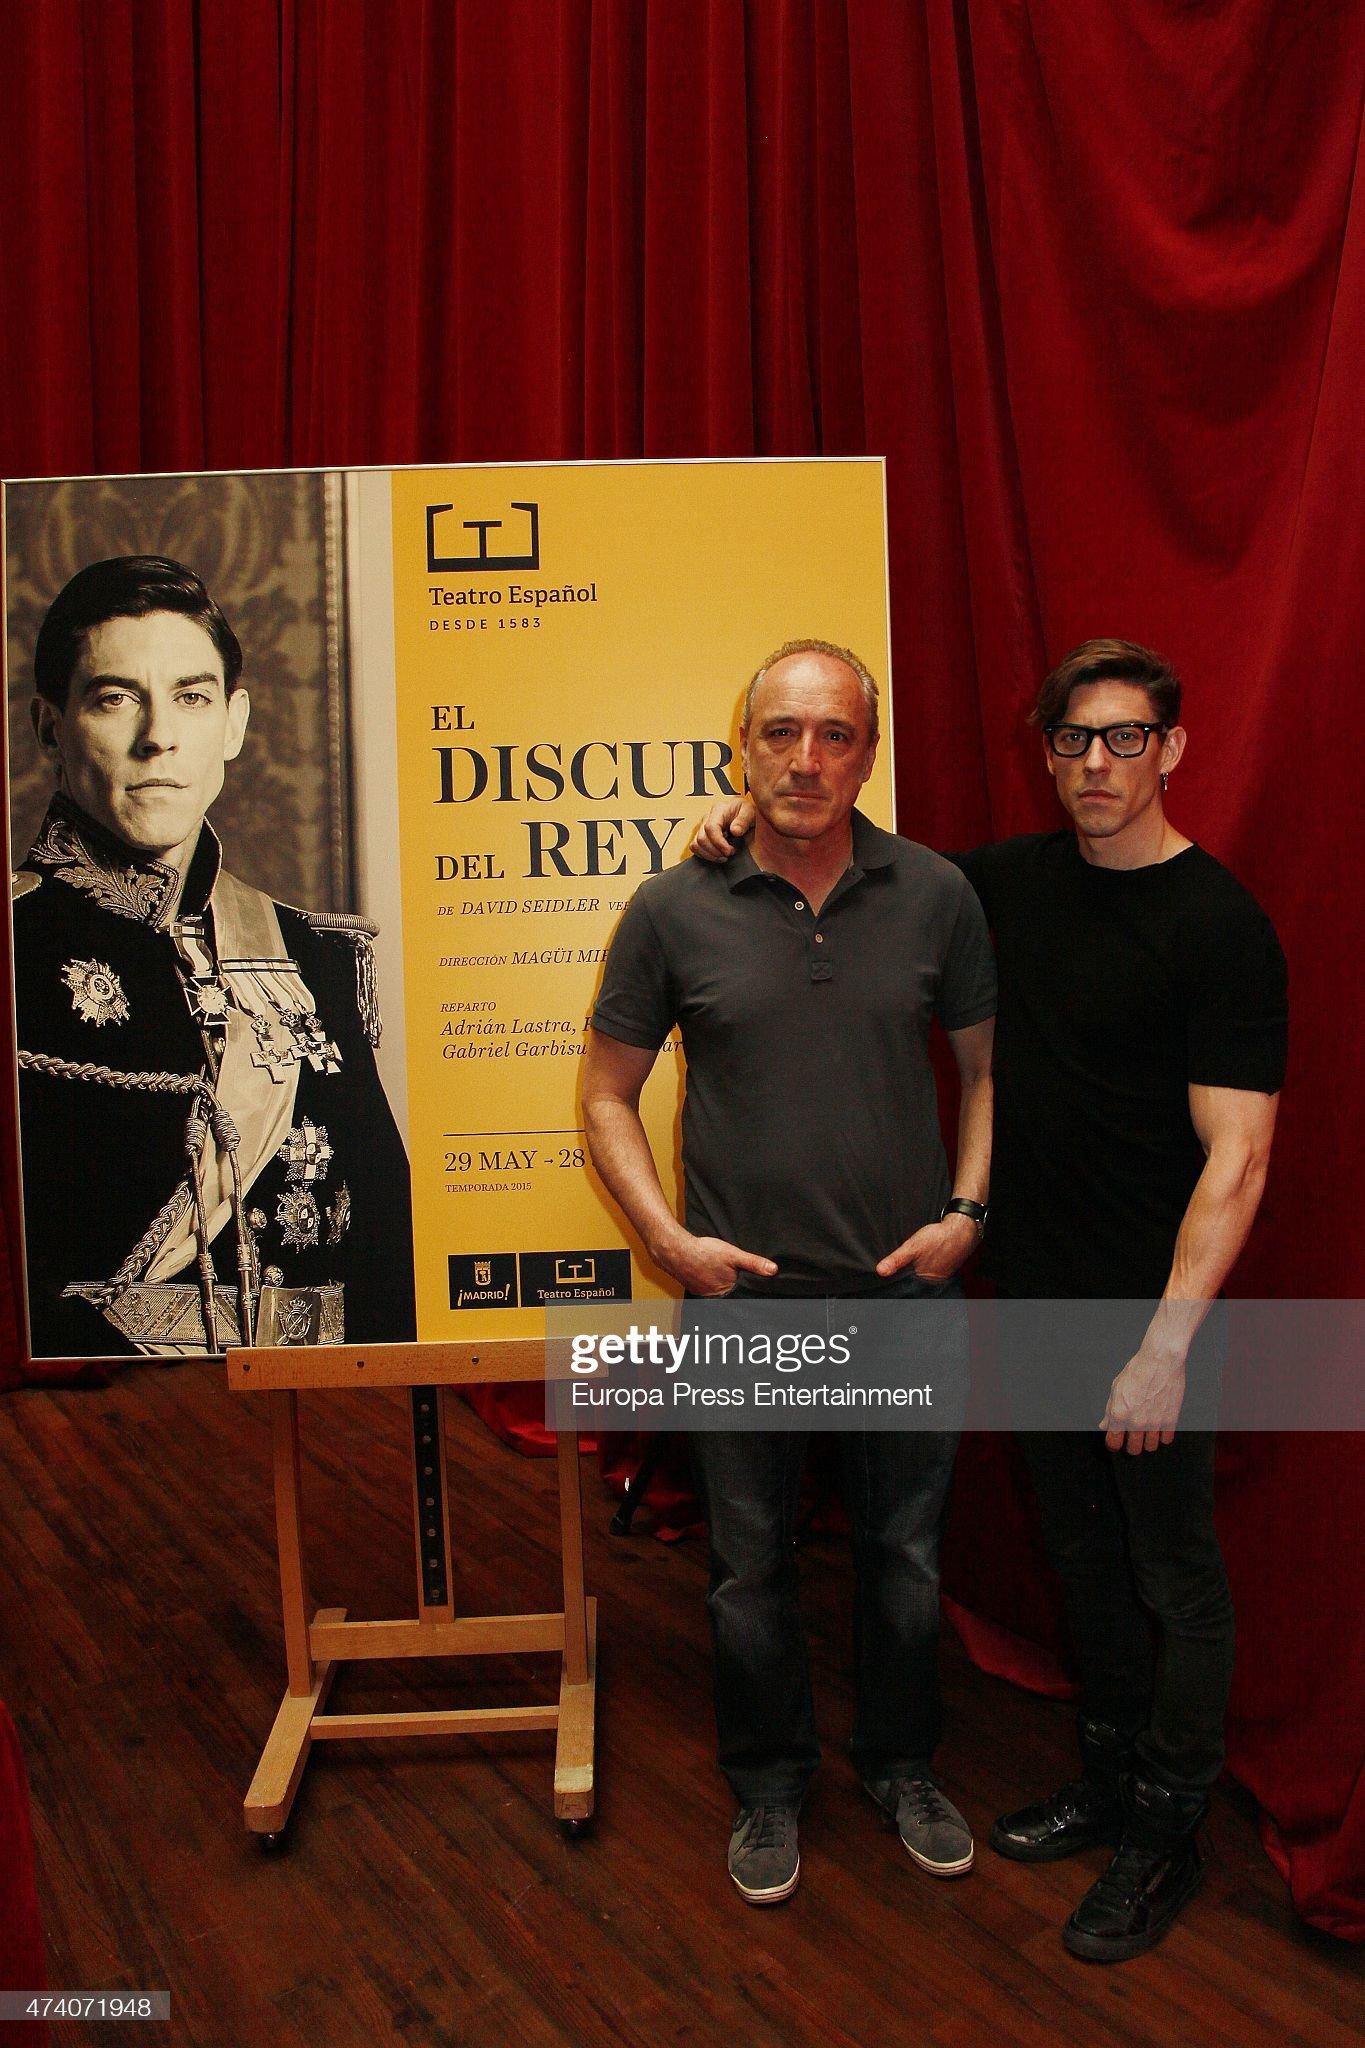 ¿Cuánto mide Roberto Álvarez? (Actor) - Altura Adrian-lastra-and-roberto-alvarez-present-el-discurso-del-rey-play-at-picture-id474071948?s=2048x2048